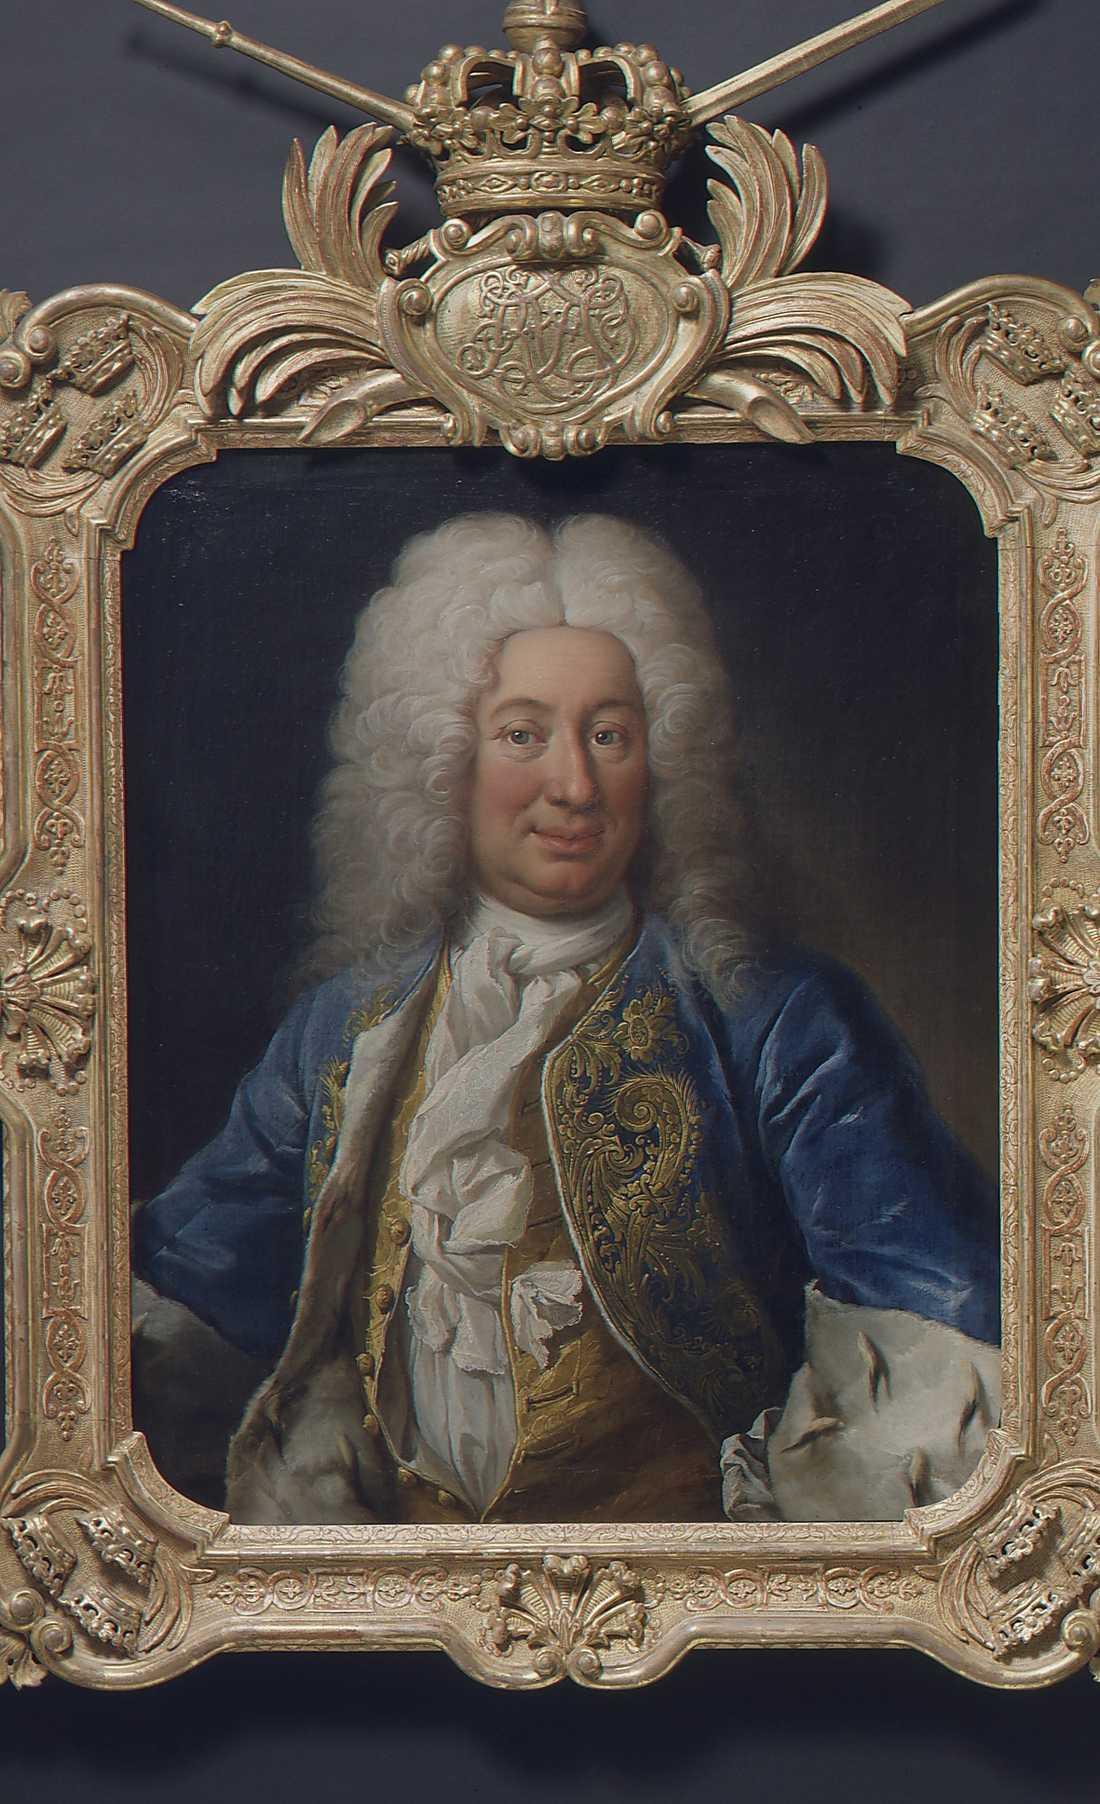 Kung Fredrik I, som var gift med Karl XII:s syster Ulrika Eleonora, var den förste svenske kungen som höll sig med officiell älskarinna, Hedvig Taube hette hon, och födde Fredrik tre barn. Hon avled i barnsäng då det fjärde barnet skulle födas.